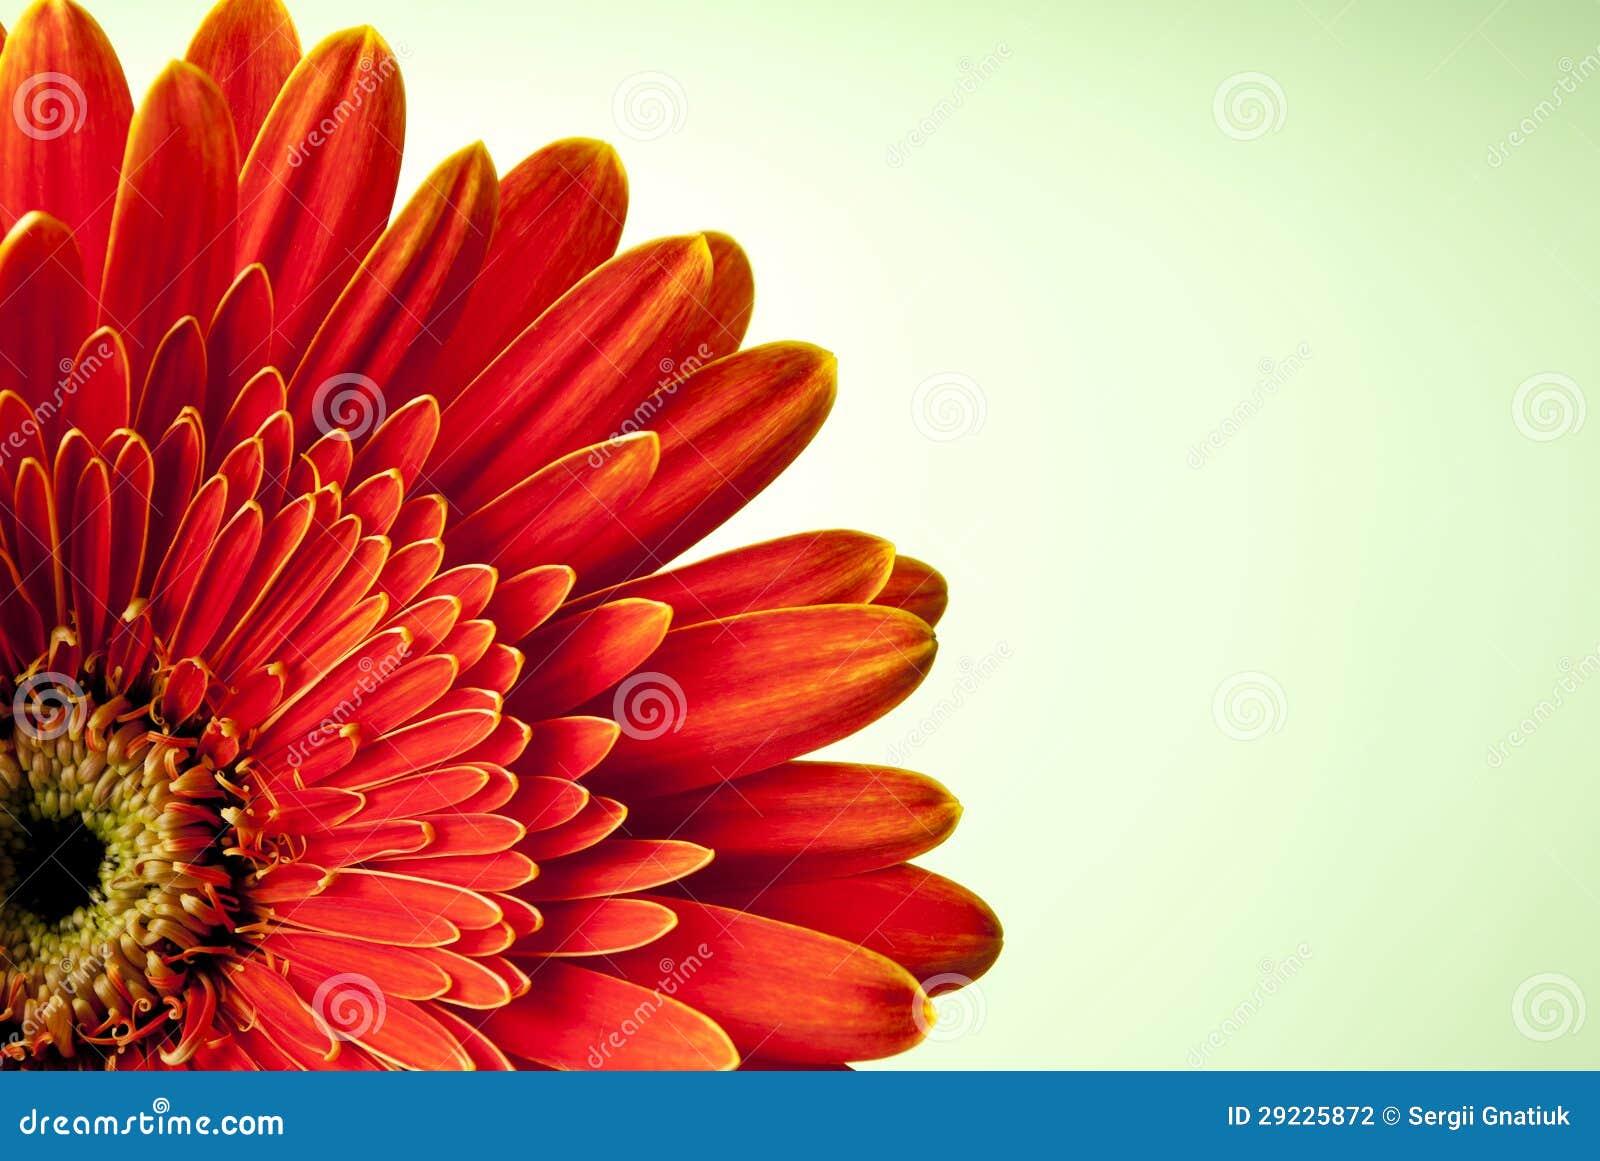 Download Flor vermelha do gerbera foto de stock. Imagem de brilhante - 29225872